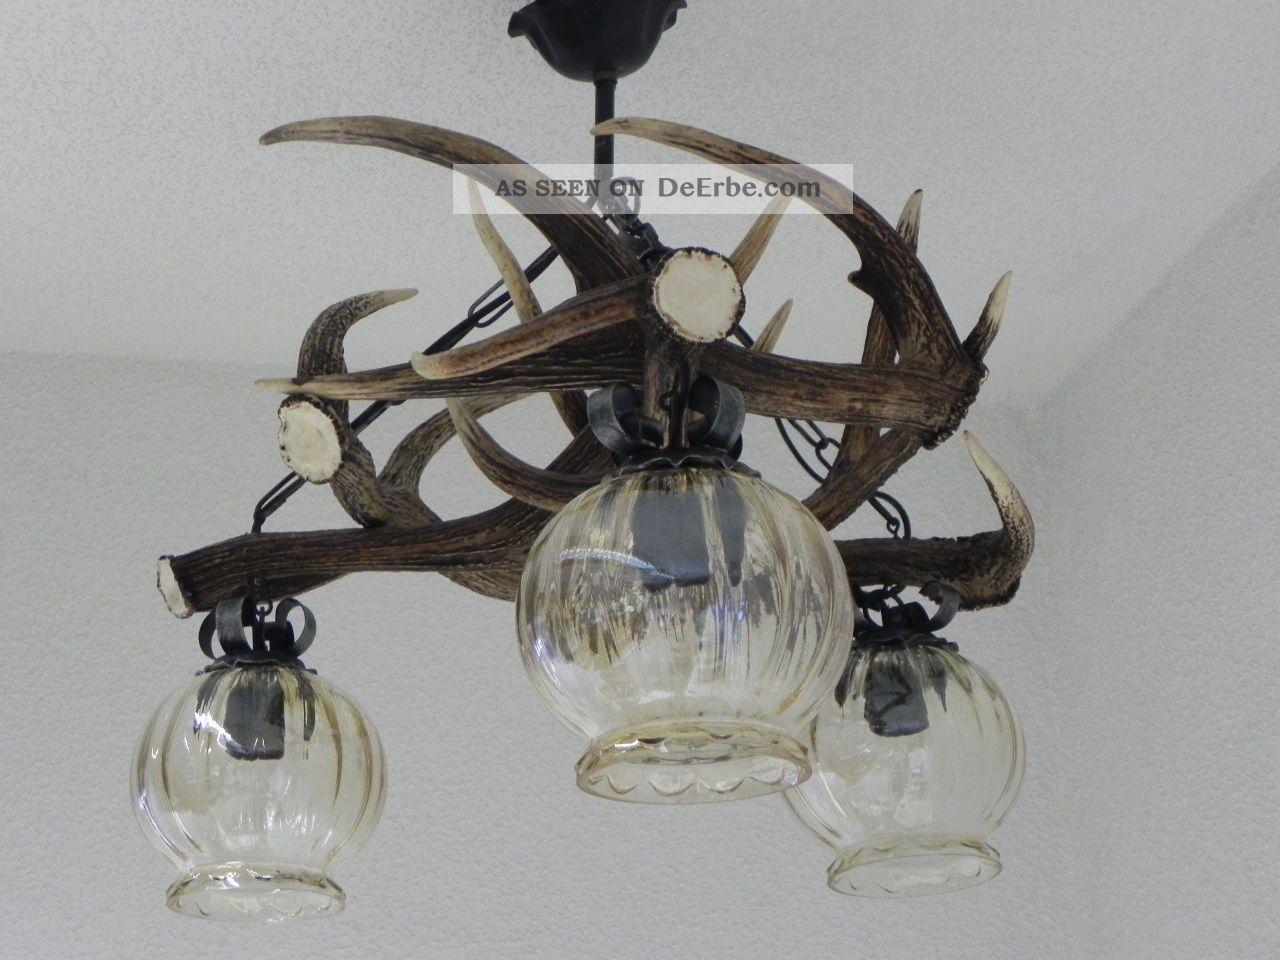 geweihlampe geweih lampe hirsch deckenlampe hirschgeweih geweihleuchte 92 3 1. Black Bedroom Furniture Sets. Home Design Ideas